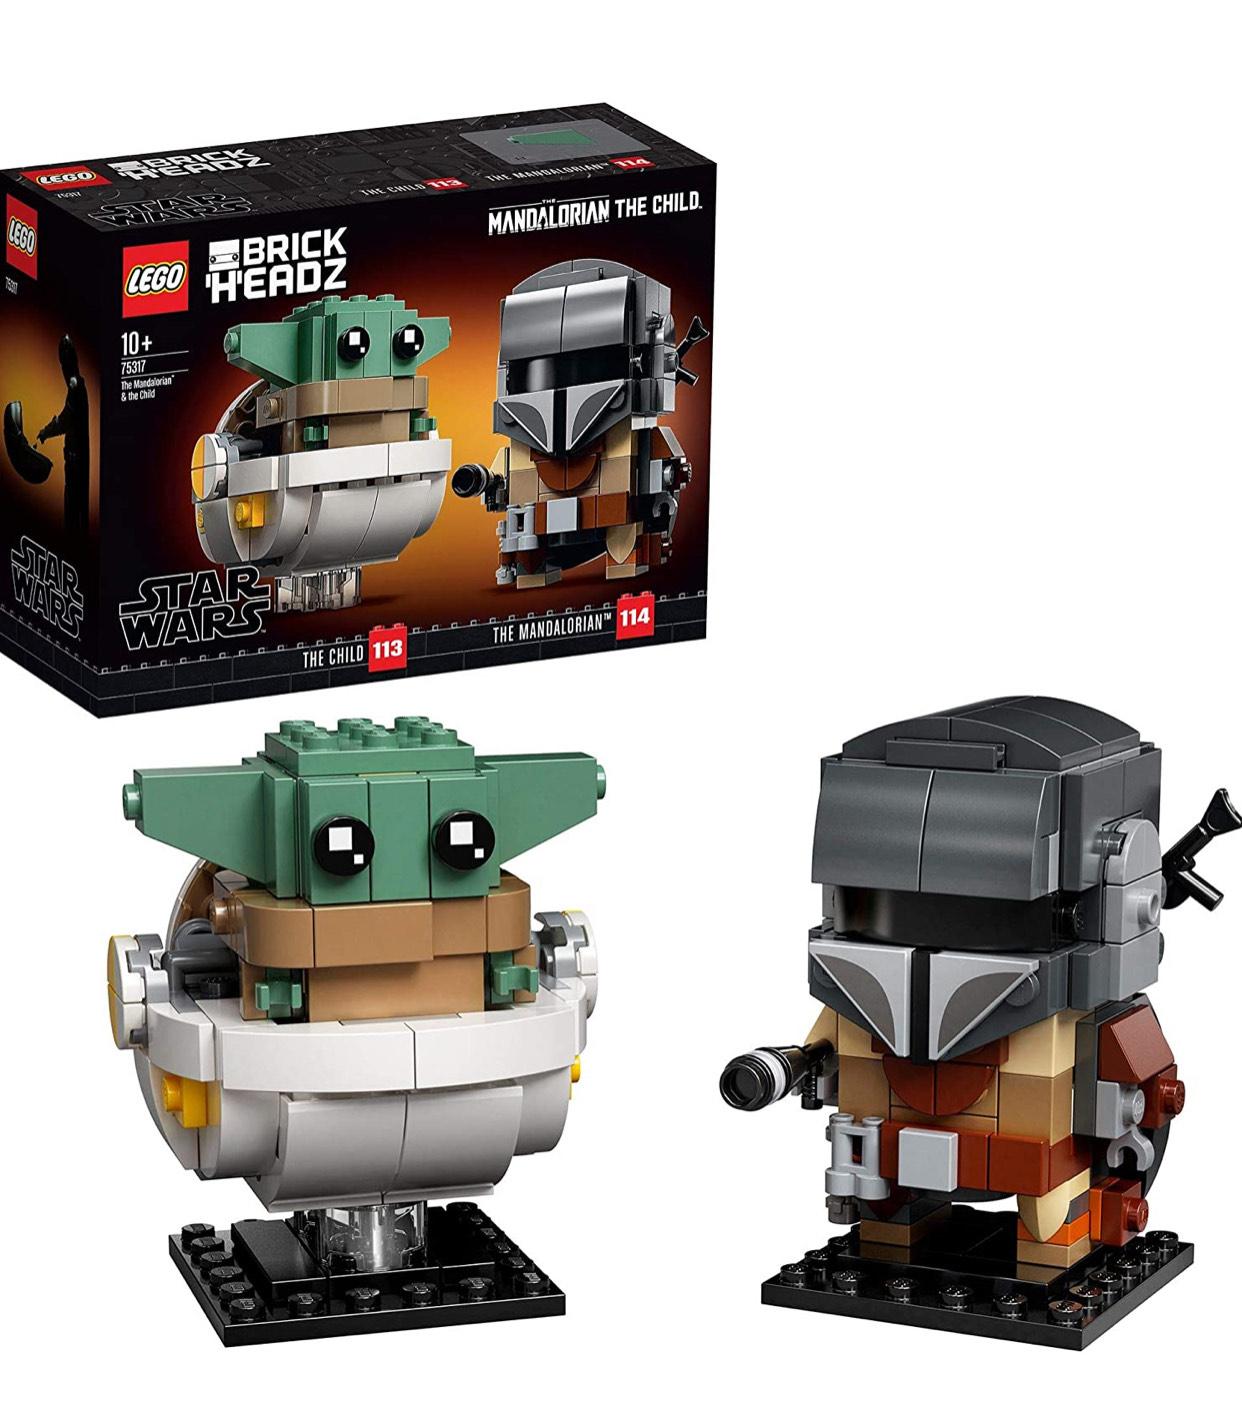 """LEGO 75317 BrickHeadz Star Wars The Mandalorian & The Child """"Baby Yoda"""" Set £14.40 Amazon/ + £4.49 non Prime at Amazon"""